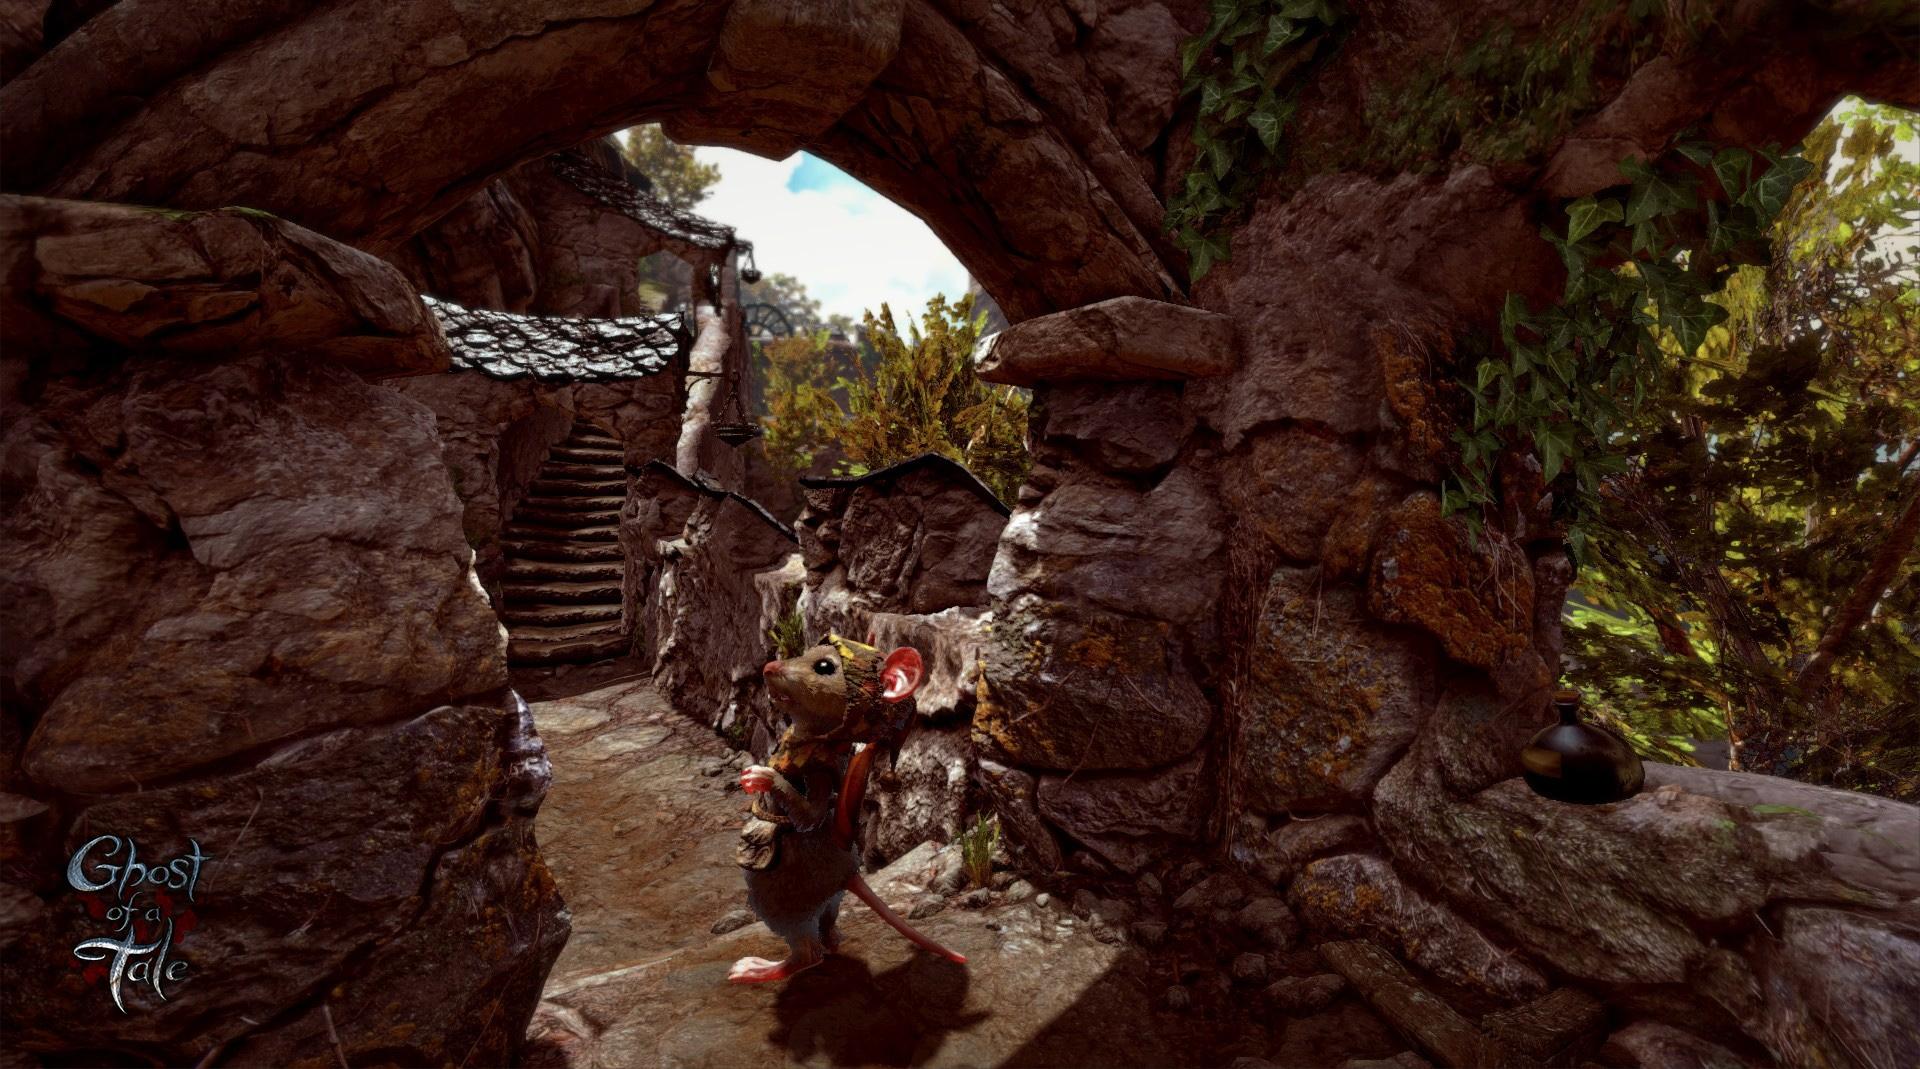 Ролевая игра 3000 год браузерная ролевая многопользовательская онлайн-игра